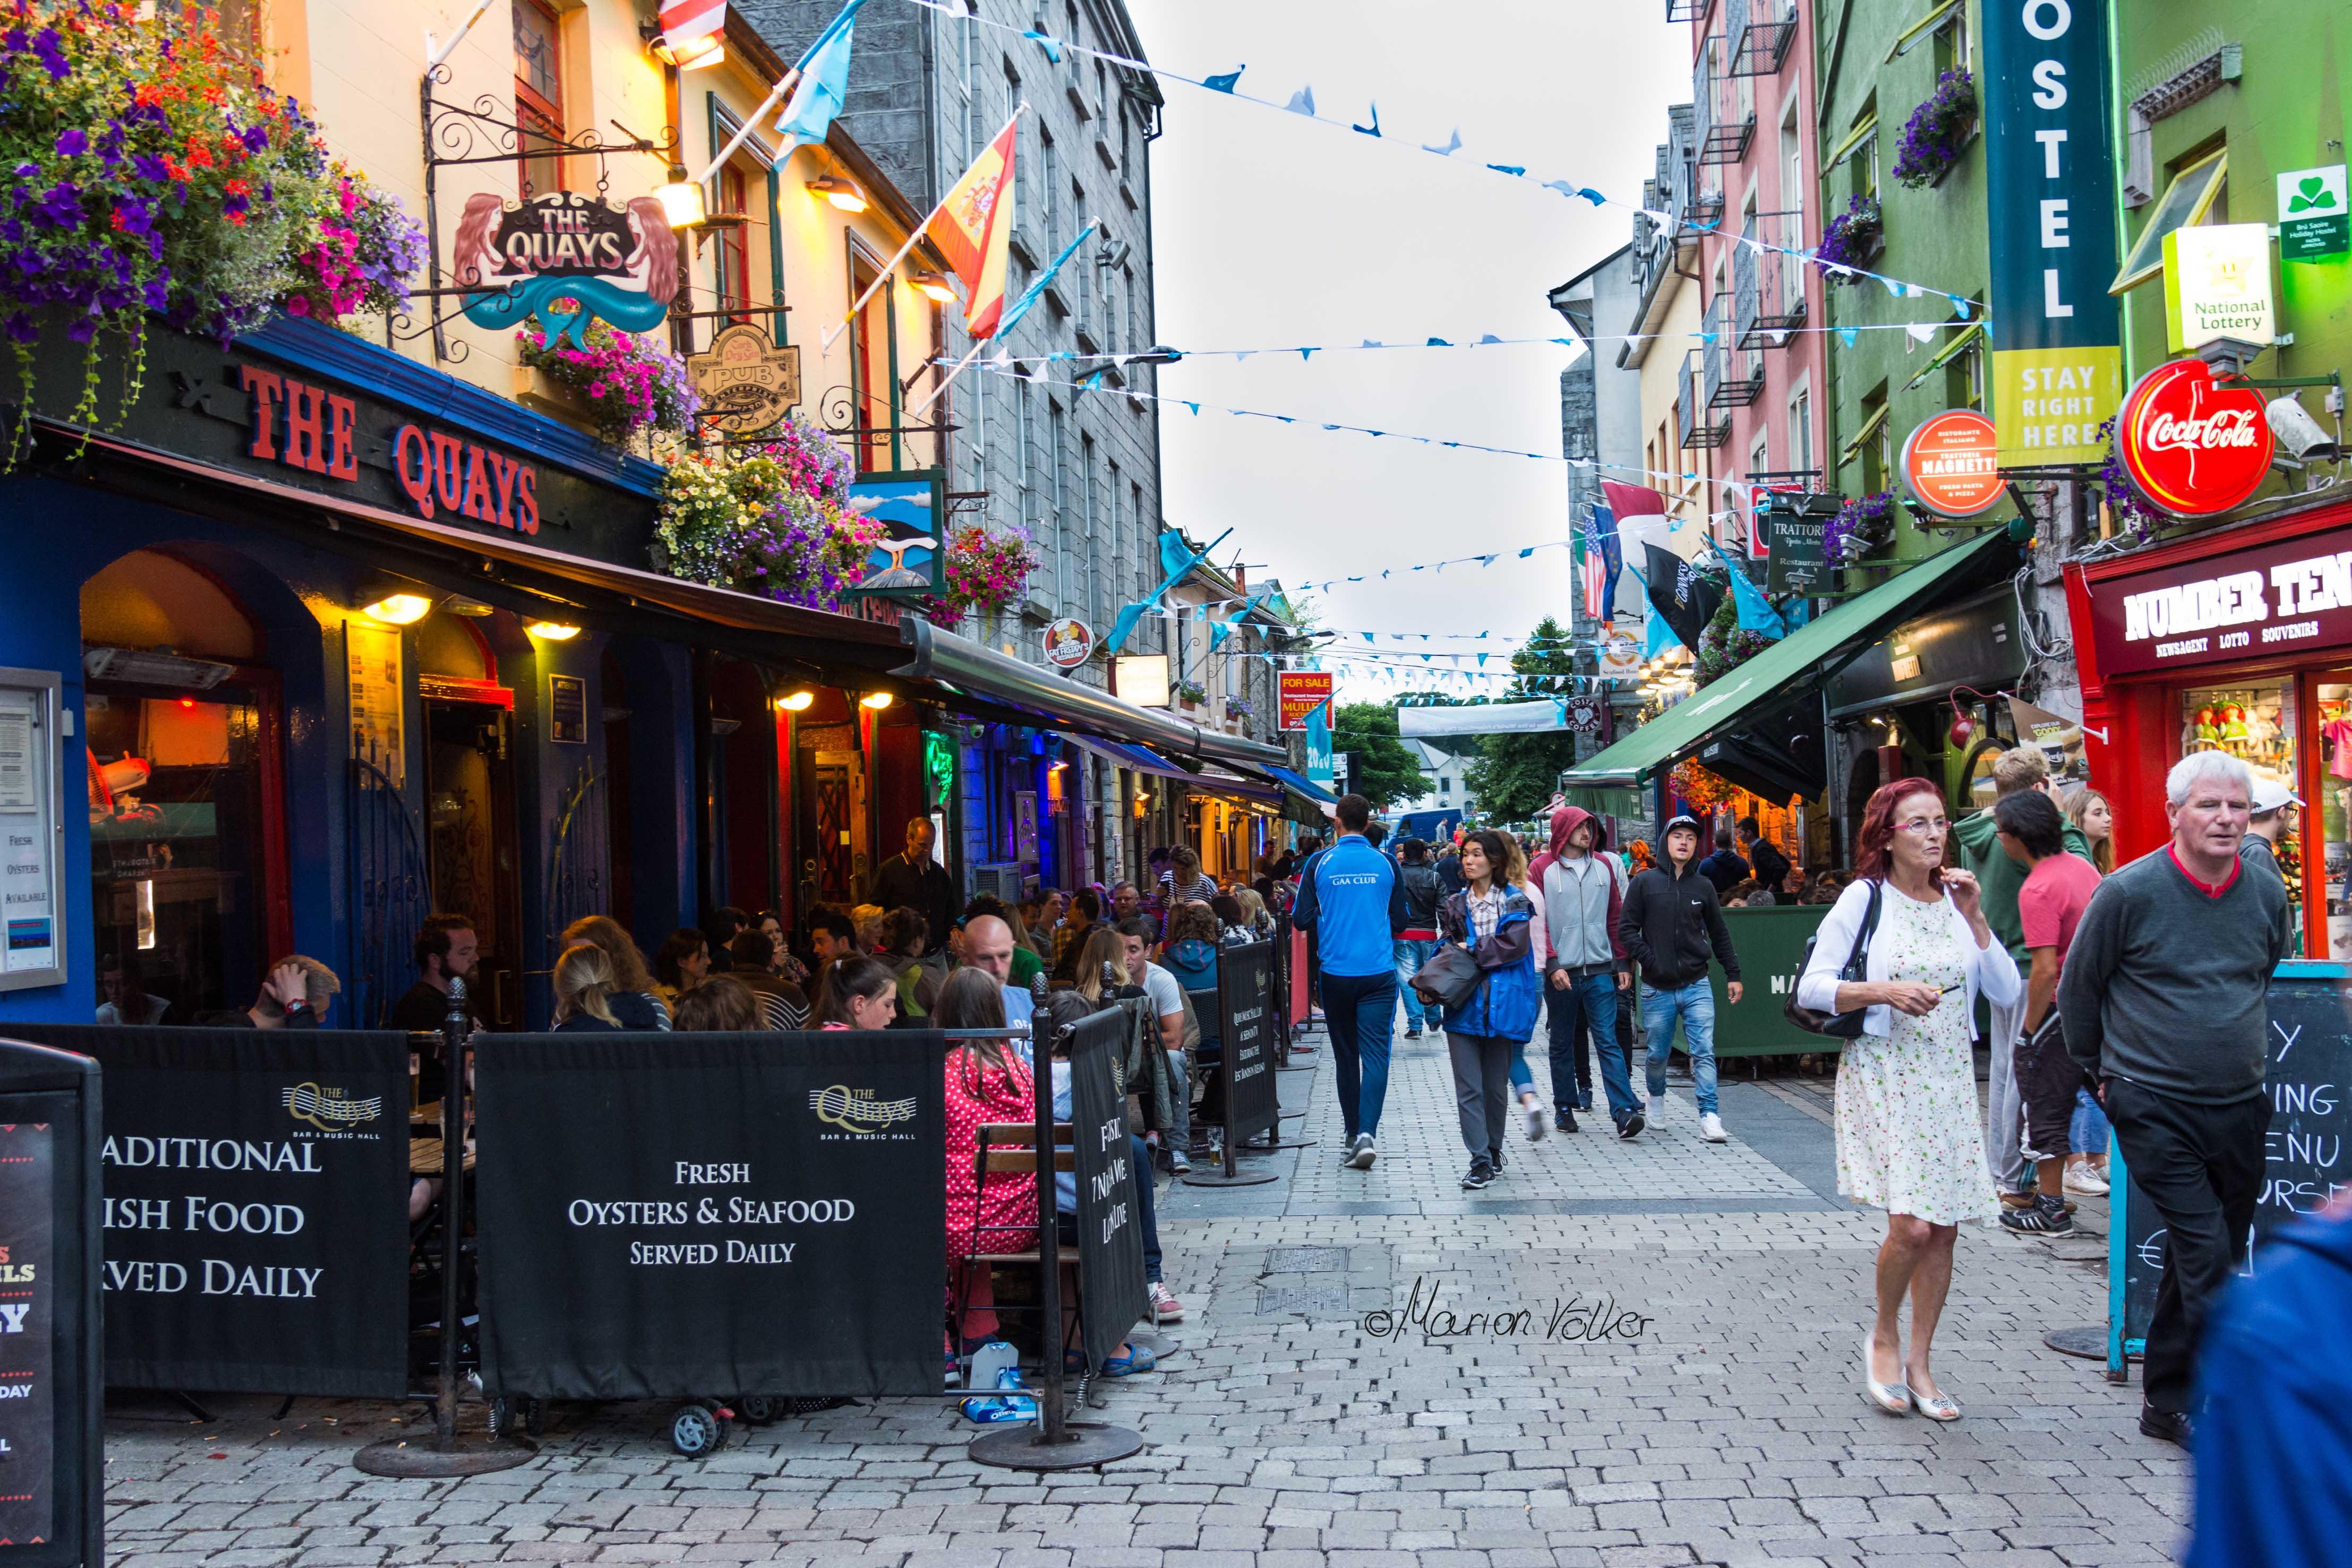 Galway - Stadttag zwischen Kathedrale und Whiskey